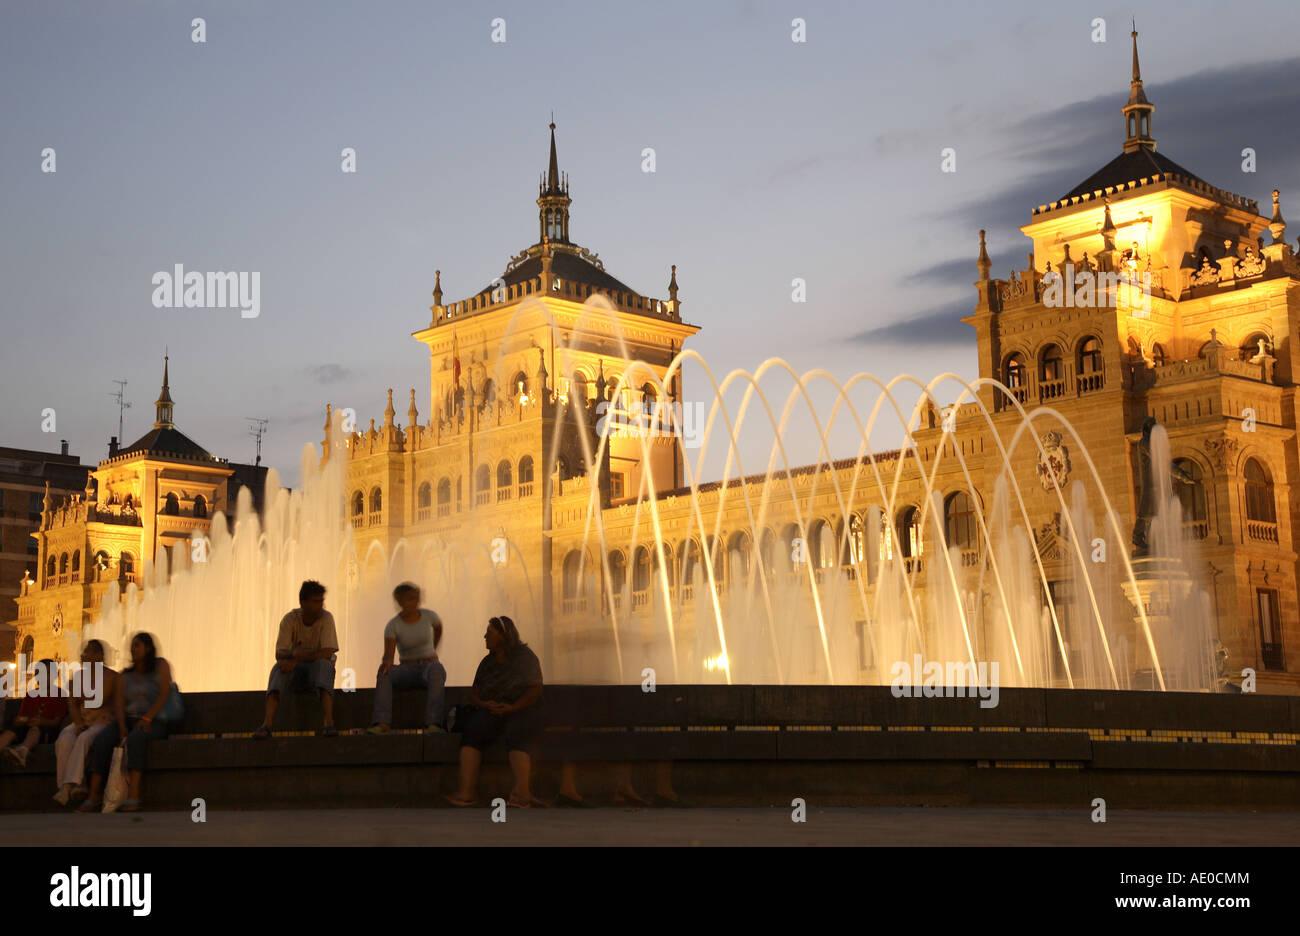 Academia de Caballeria in Plaza Zorrilla Square, Valladolid, Castile and Leon, Spain - Stock Image